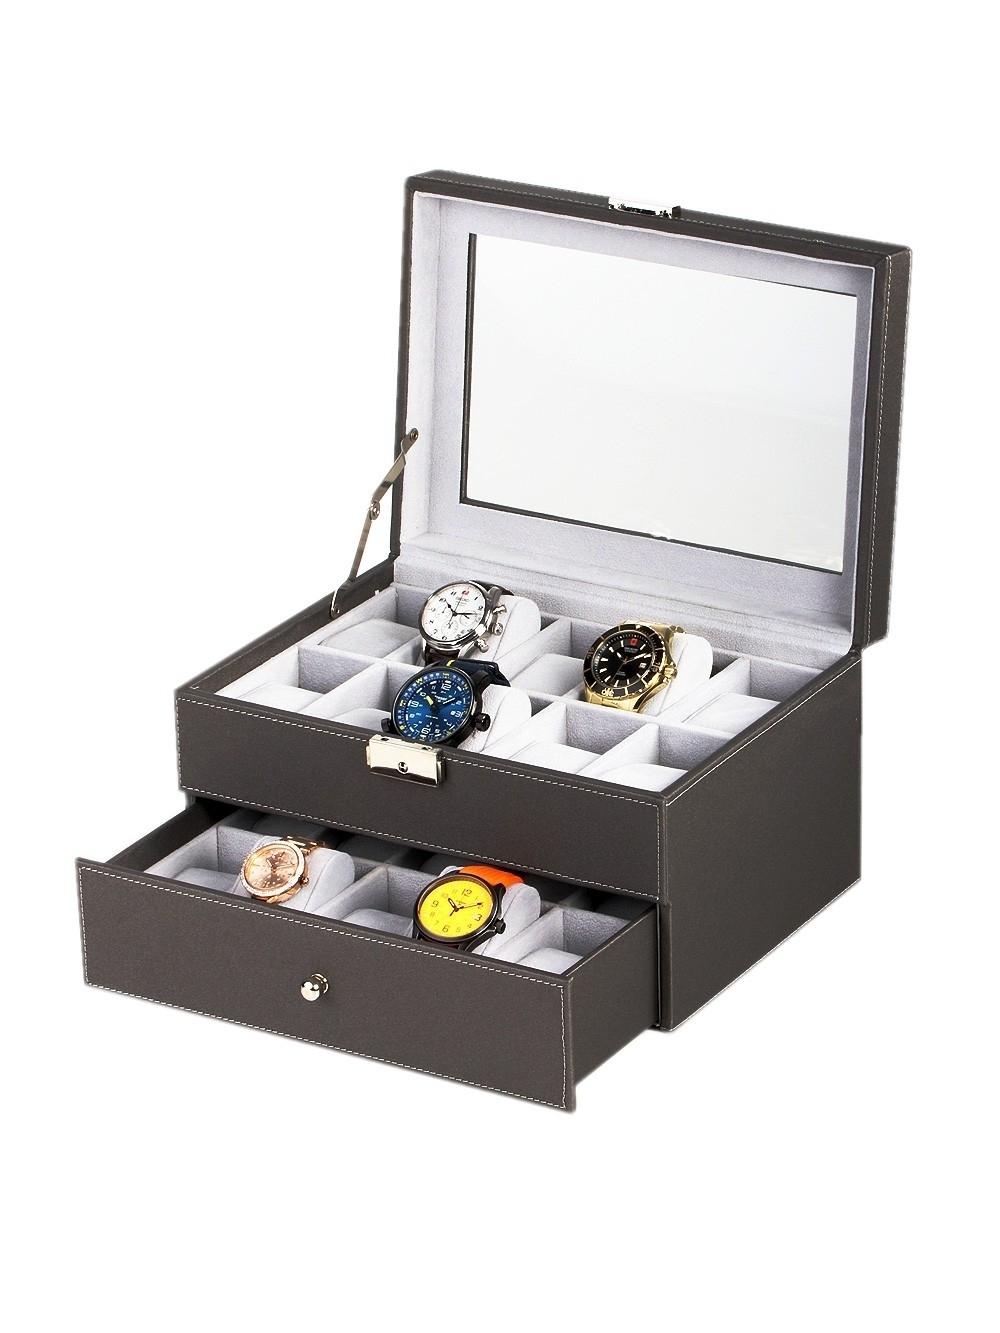 rothenschild uhrenbox rs-1683-20g für 20 uhren grey